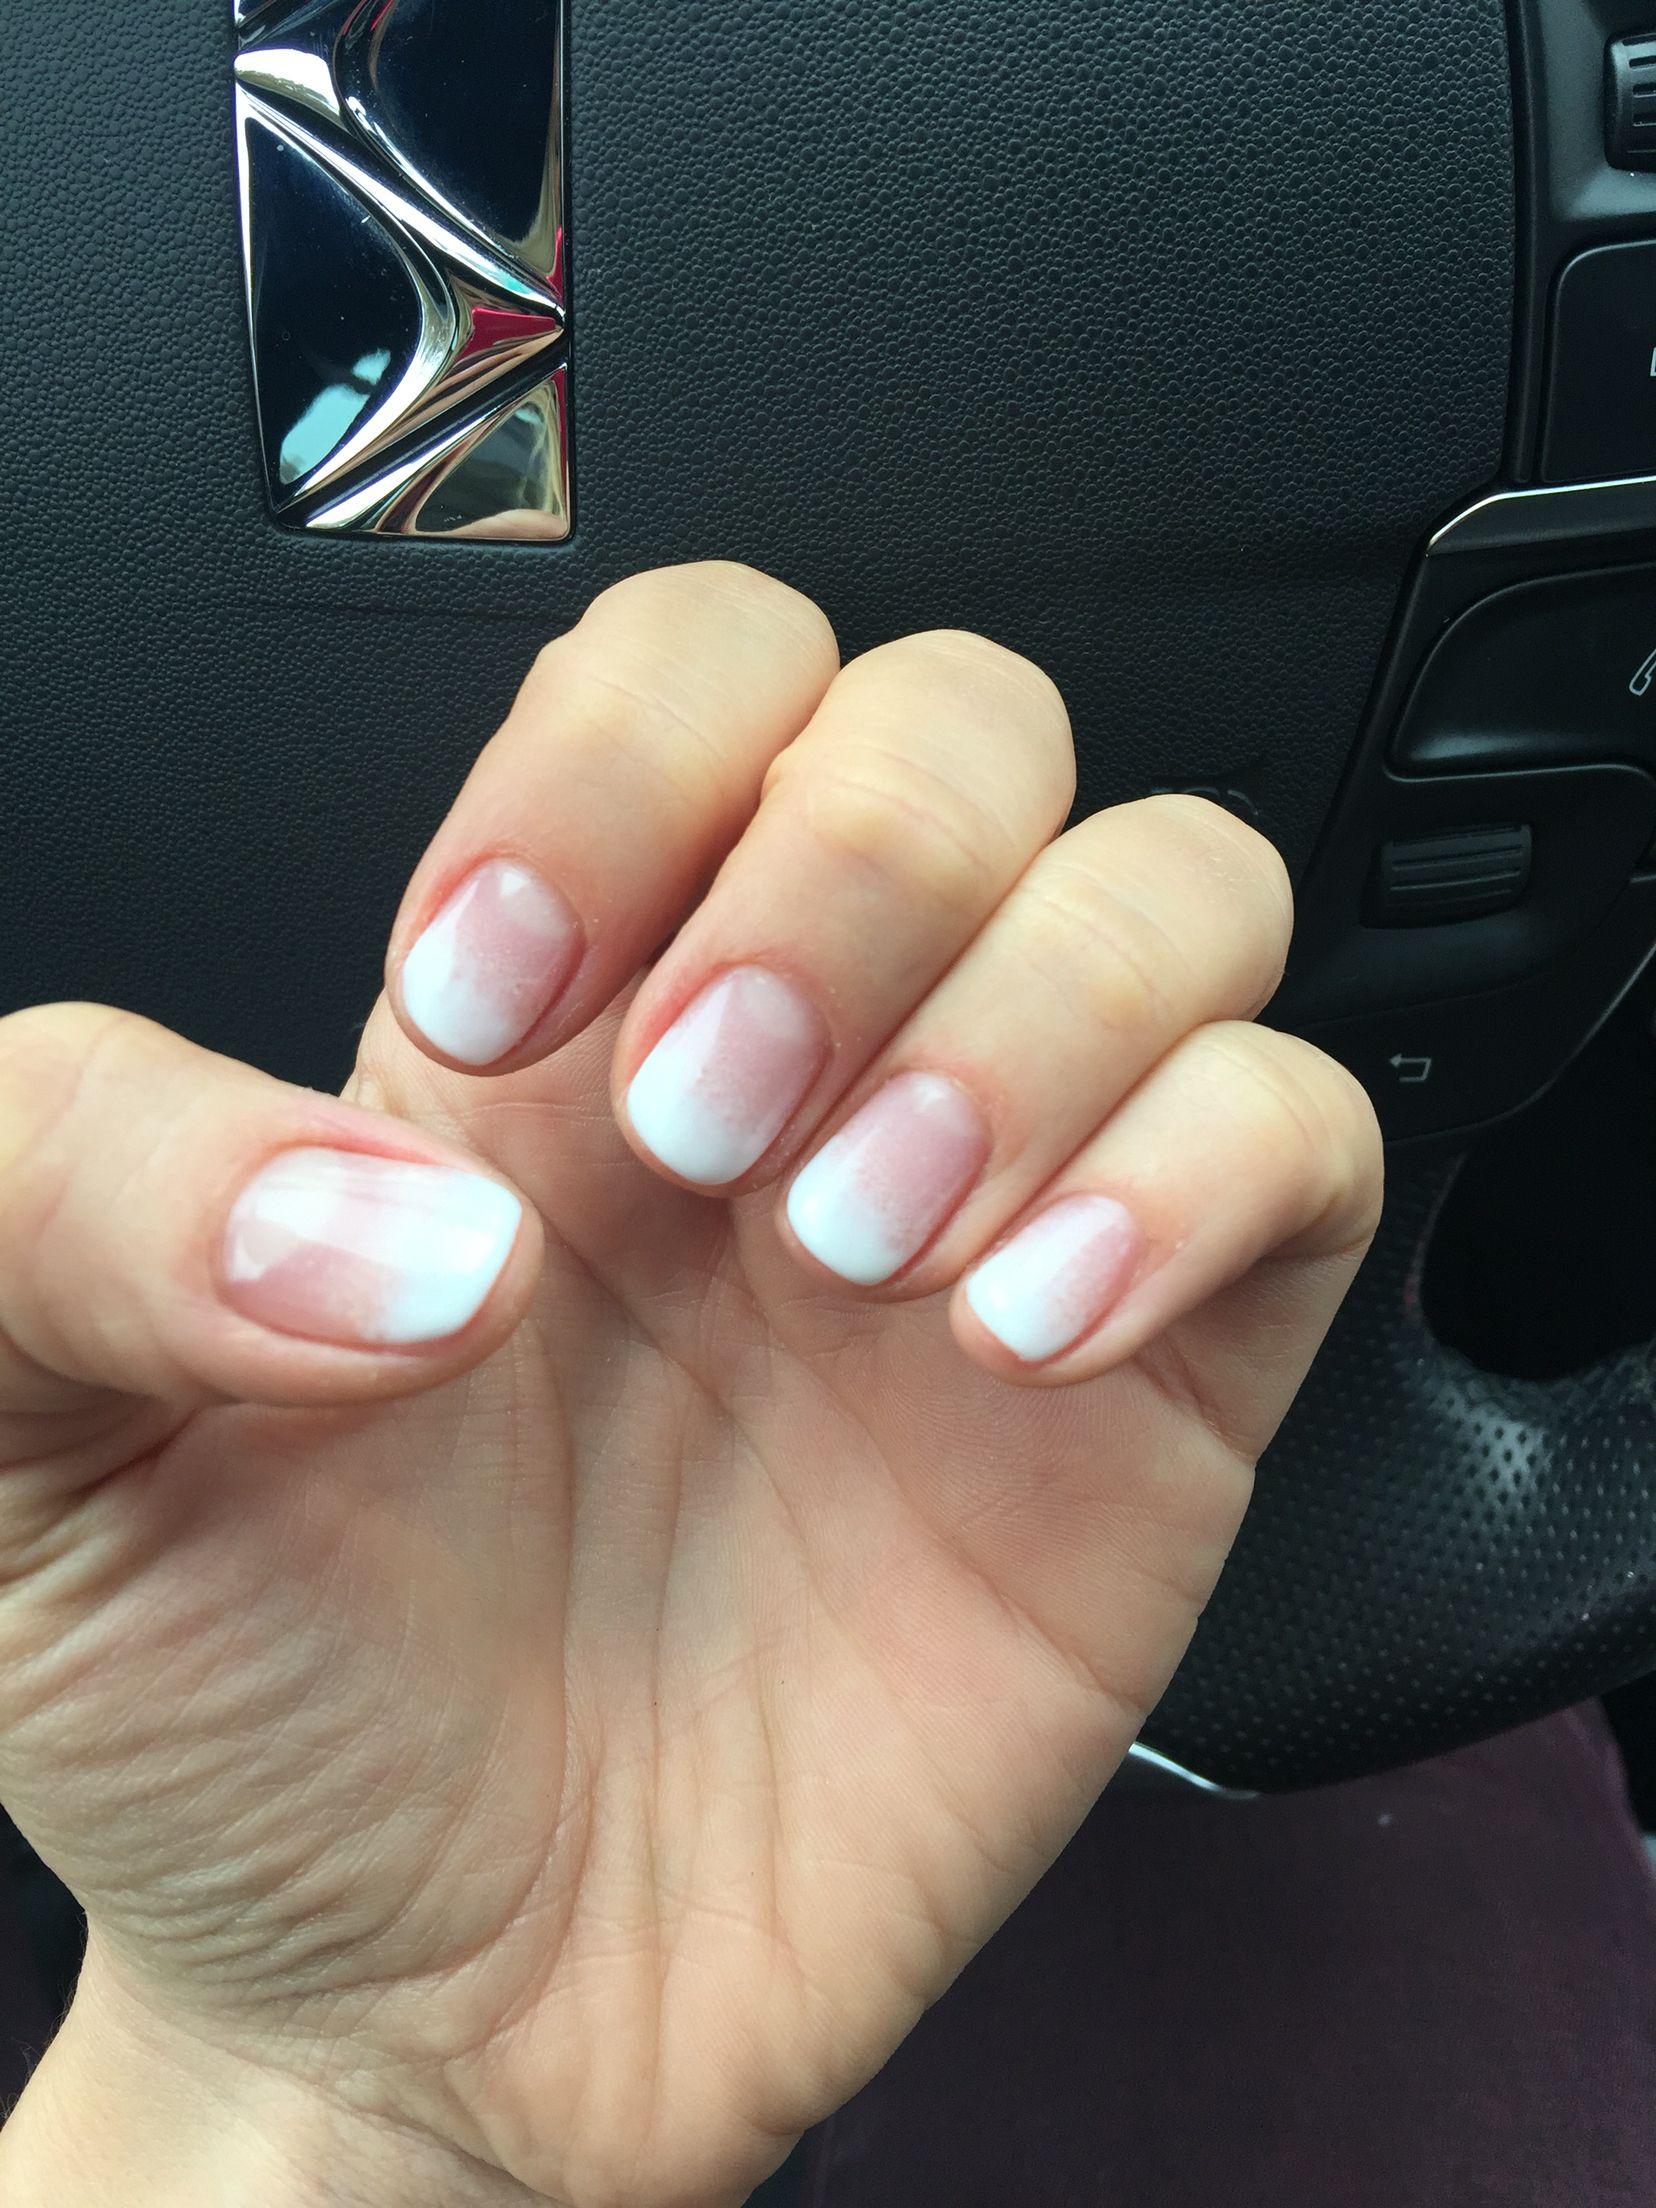 Dregrade de uñas... Simplemente me encanta #degrade #essie #uñas en ...